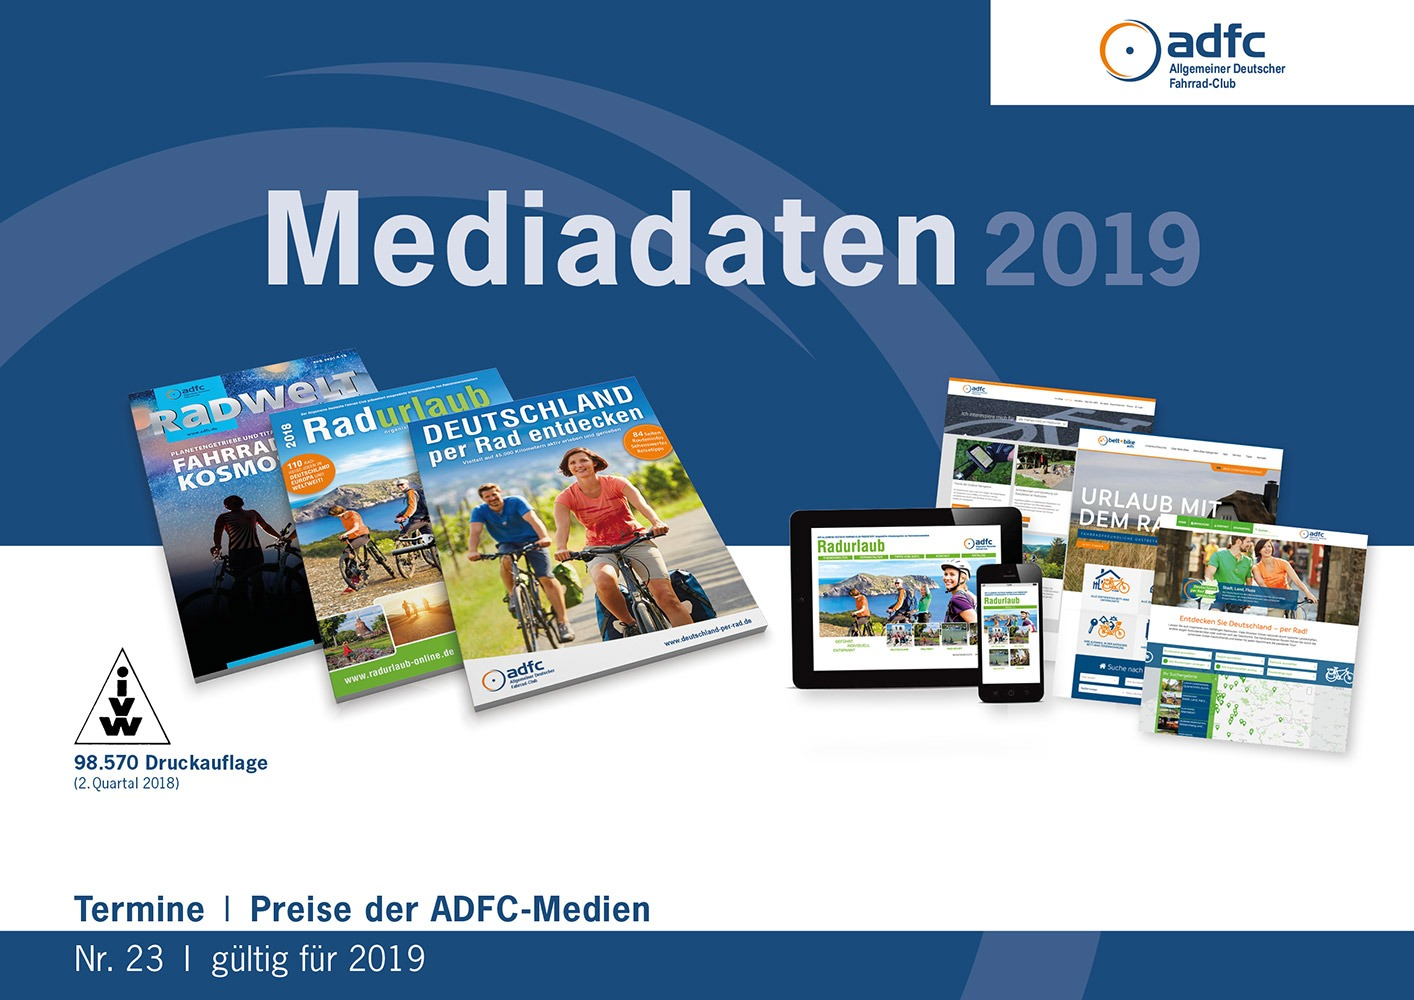 Mediadaten